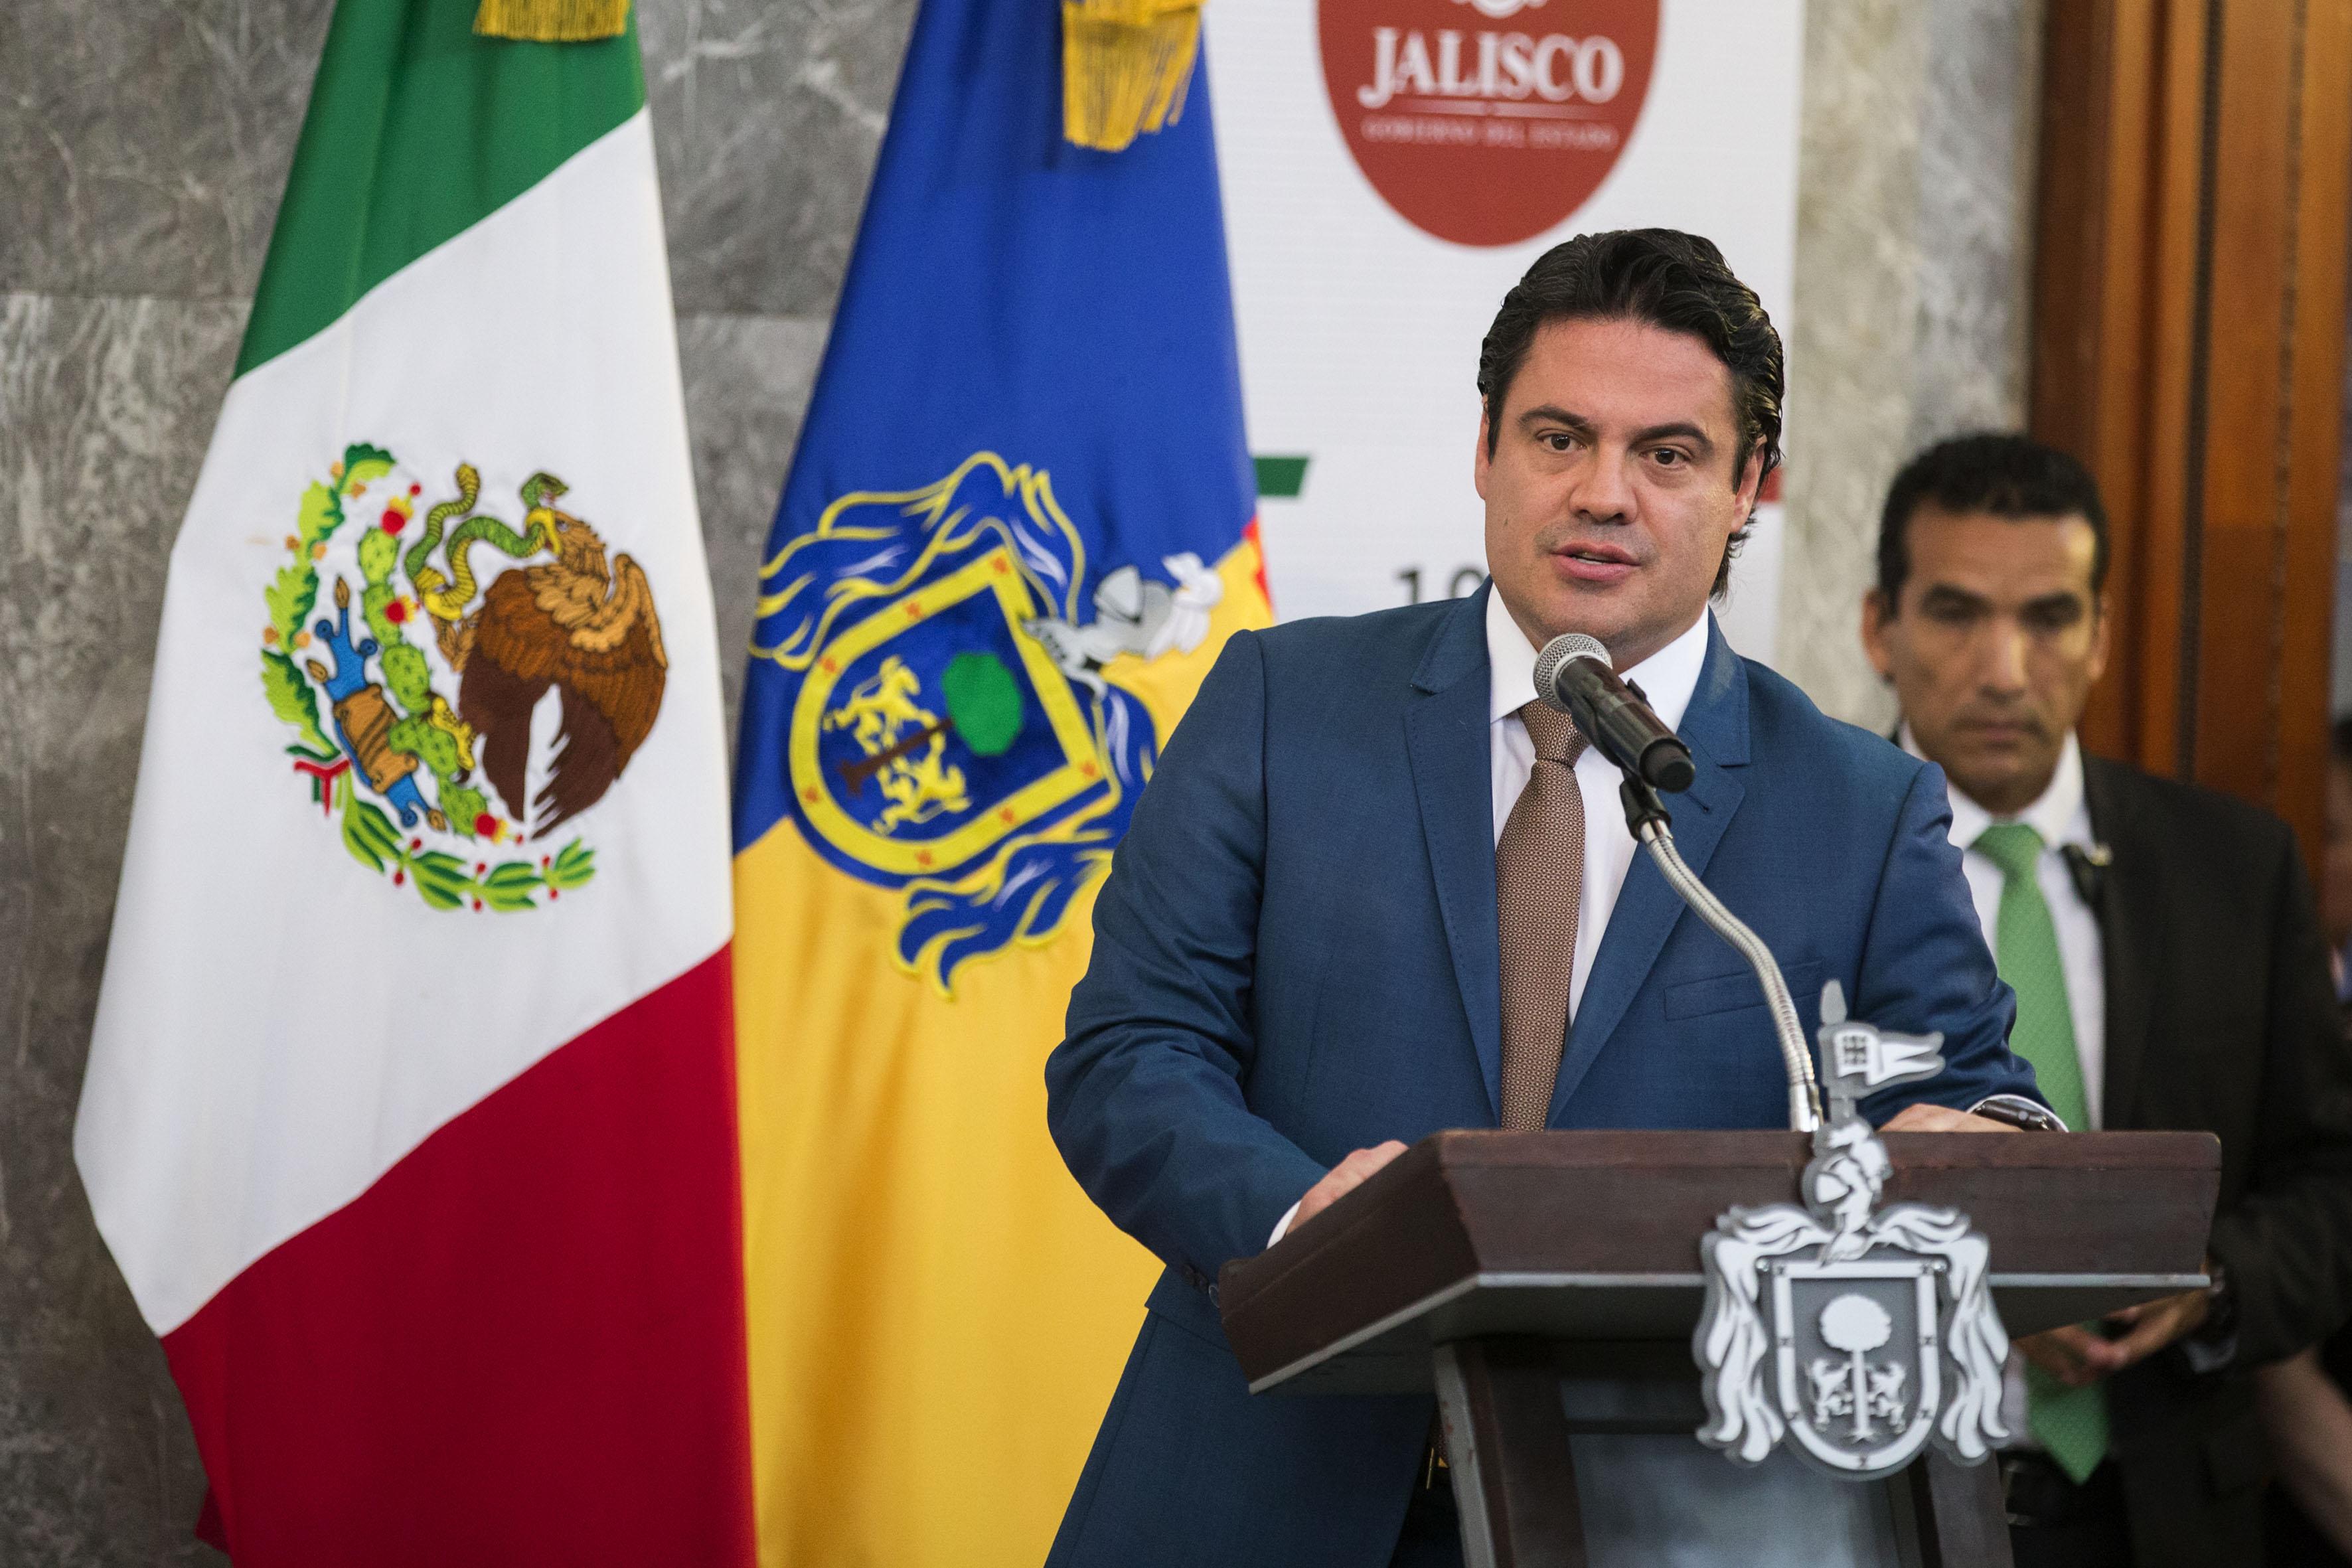 Gobernador de Jalisco, maestro Jorge Aristóteles Sandoval Díaz encabezando la ceremonia de entrega de las distinciones que se realizó en el marco de la conmemoración del 194 Aniversario de la Creación del Estado Libre y Soberano de Jalisco, en el exrecinto Legislativo de Palacio de Gobierno.